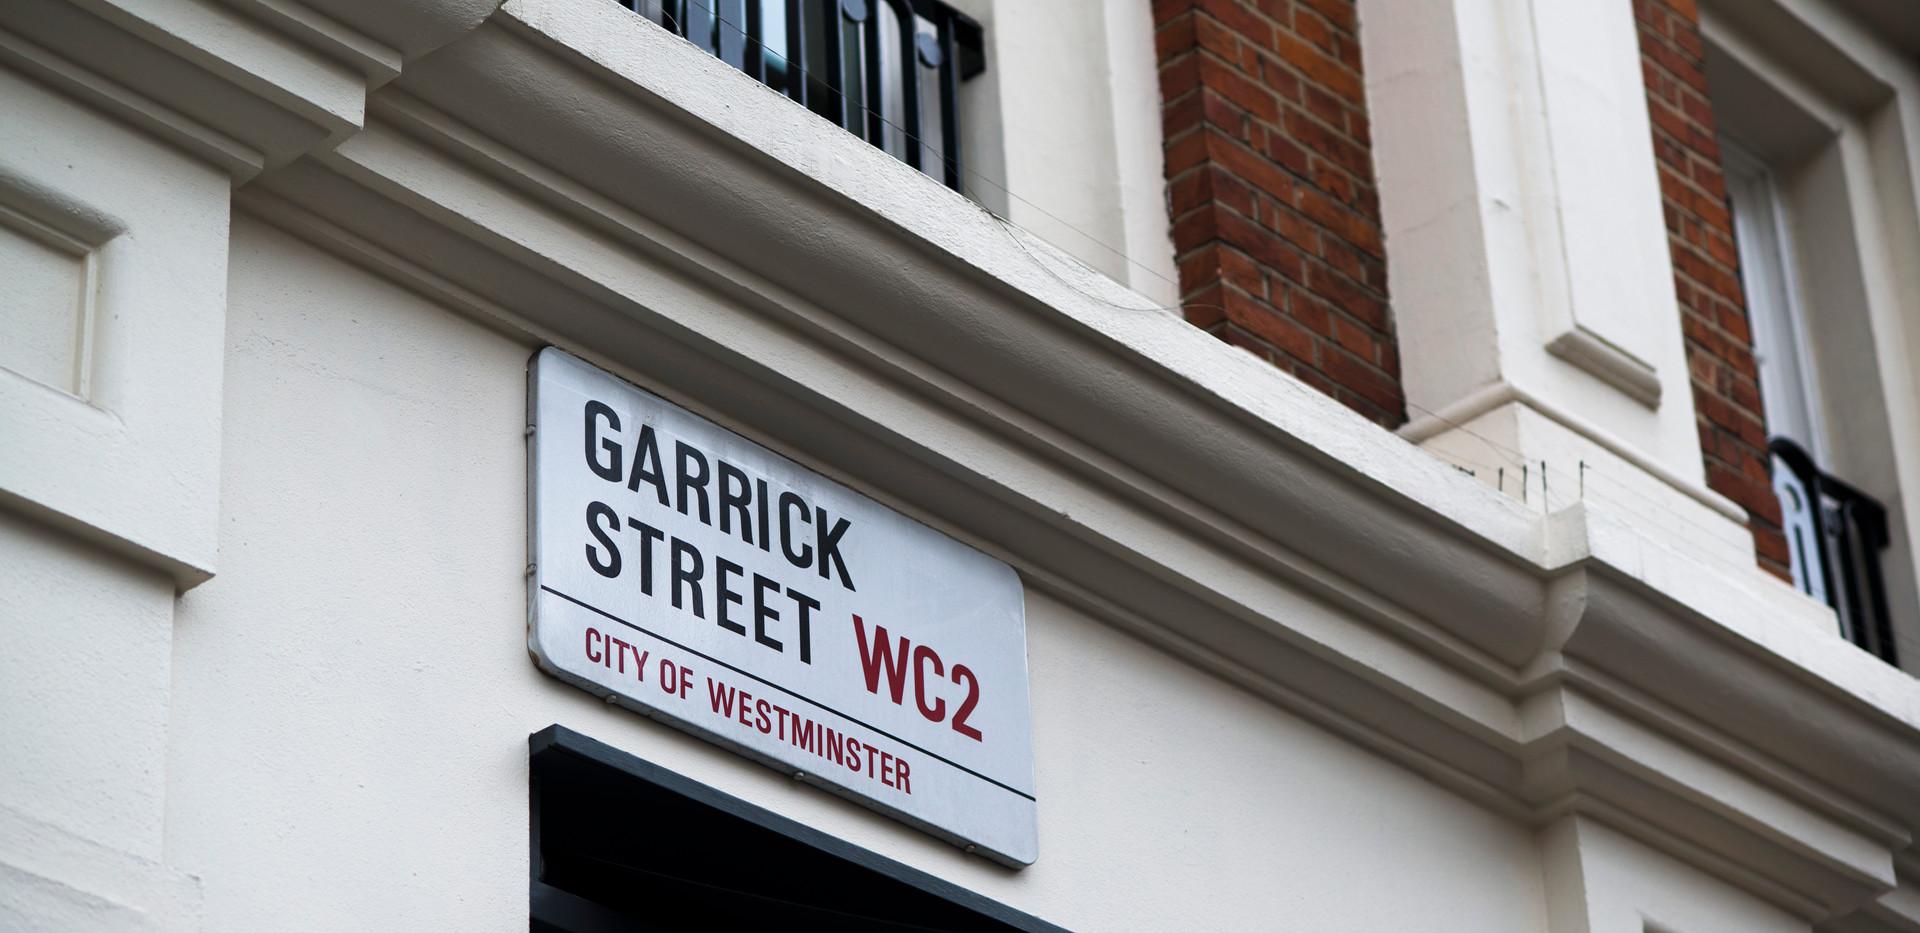 Garrick street